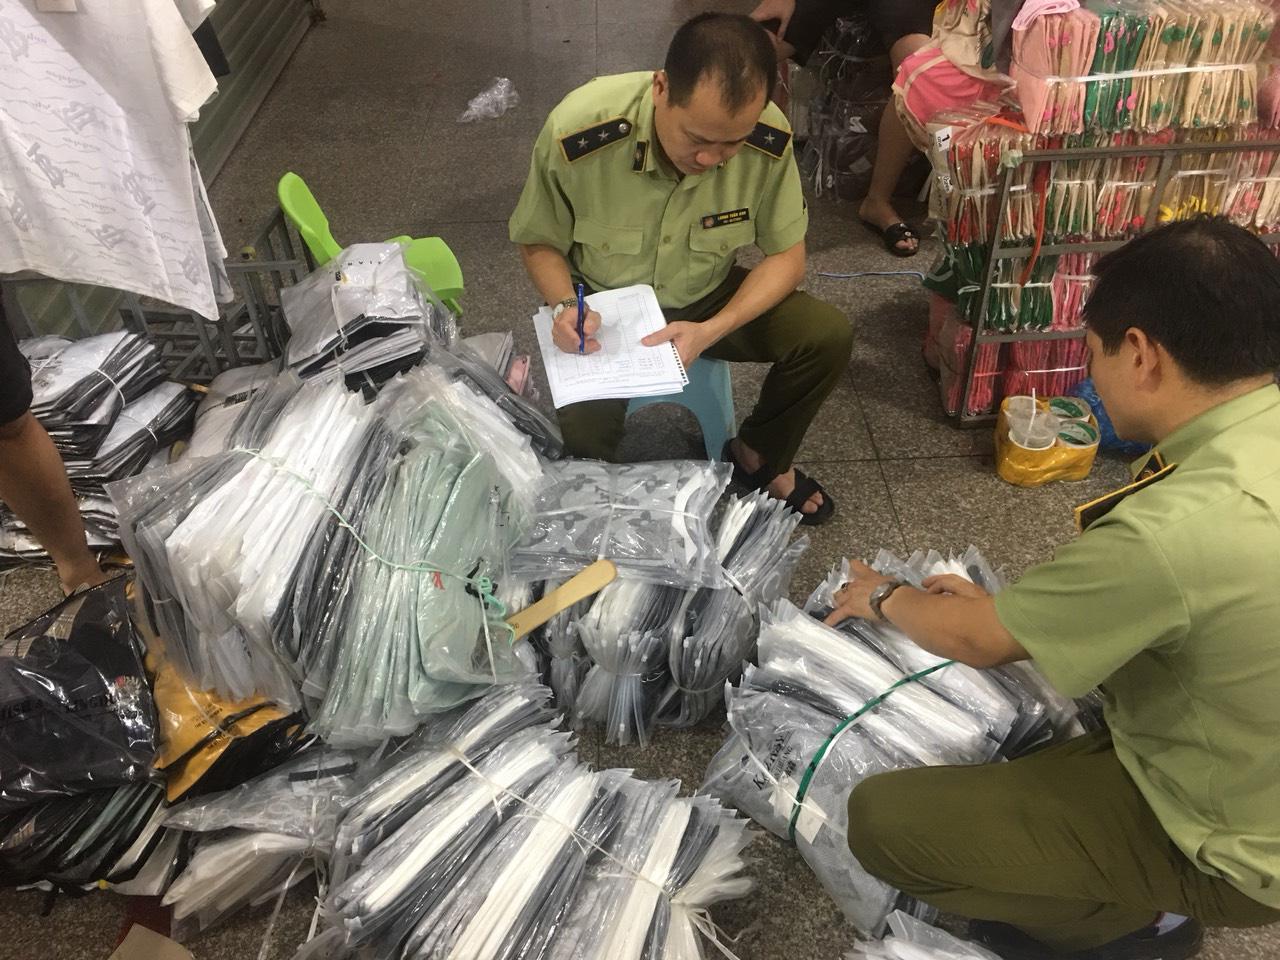 Tấn công khu Ninh Hiệp thu giữ gần 4.700 sản phẩm có dấu hiệu giả, nhái và hàng nhập lậu - Ảnh 1.